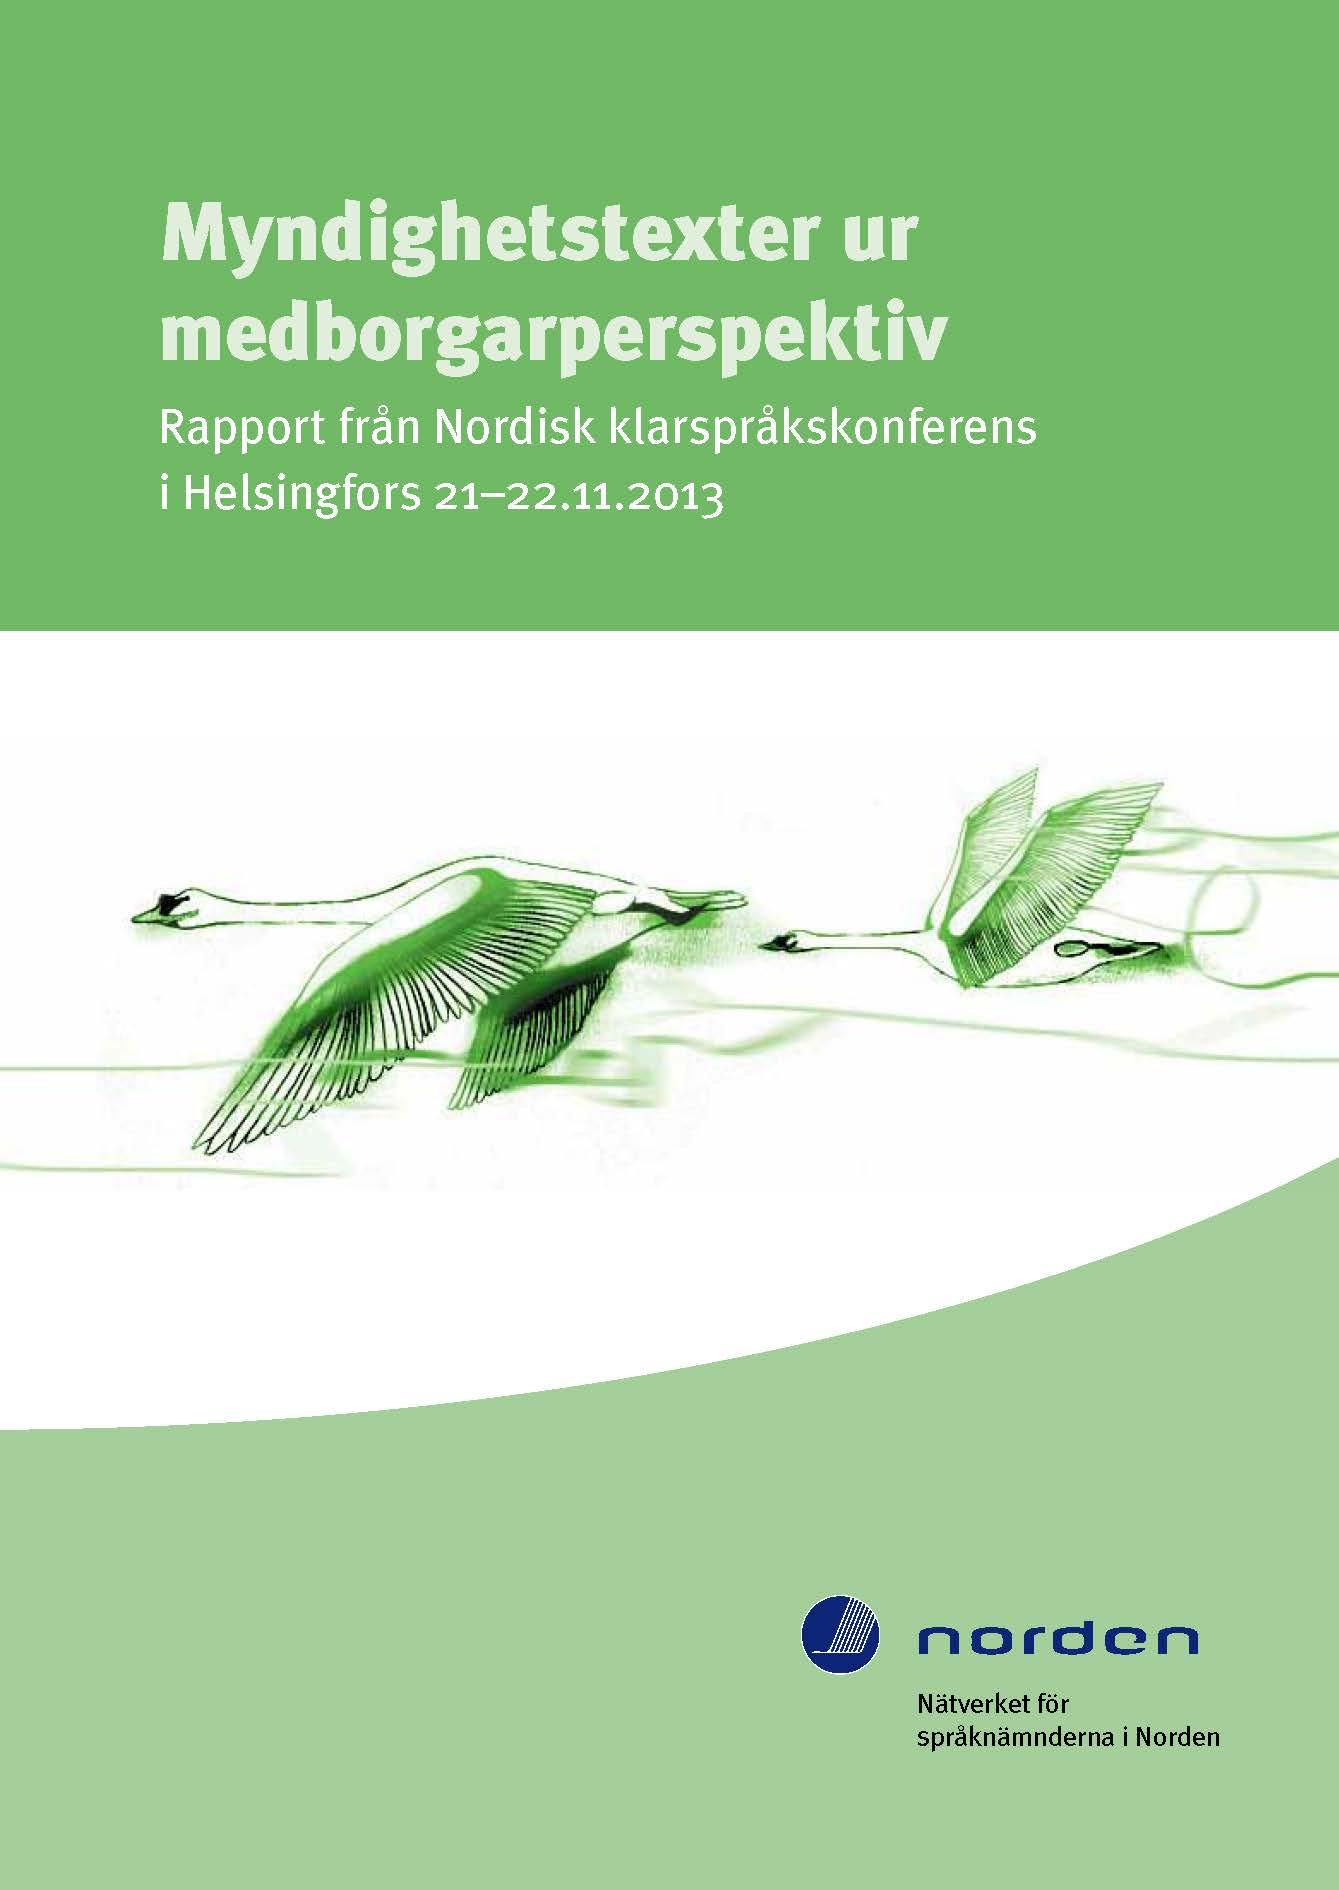 Se 2014: Myndighetstexter ur medborgarperspektiv - Rapport från Nordisk klarspråkskonferens i Helsingfors 21–22.11.2013